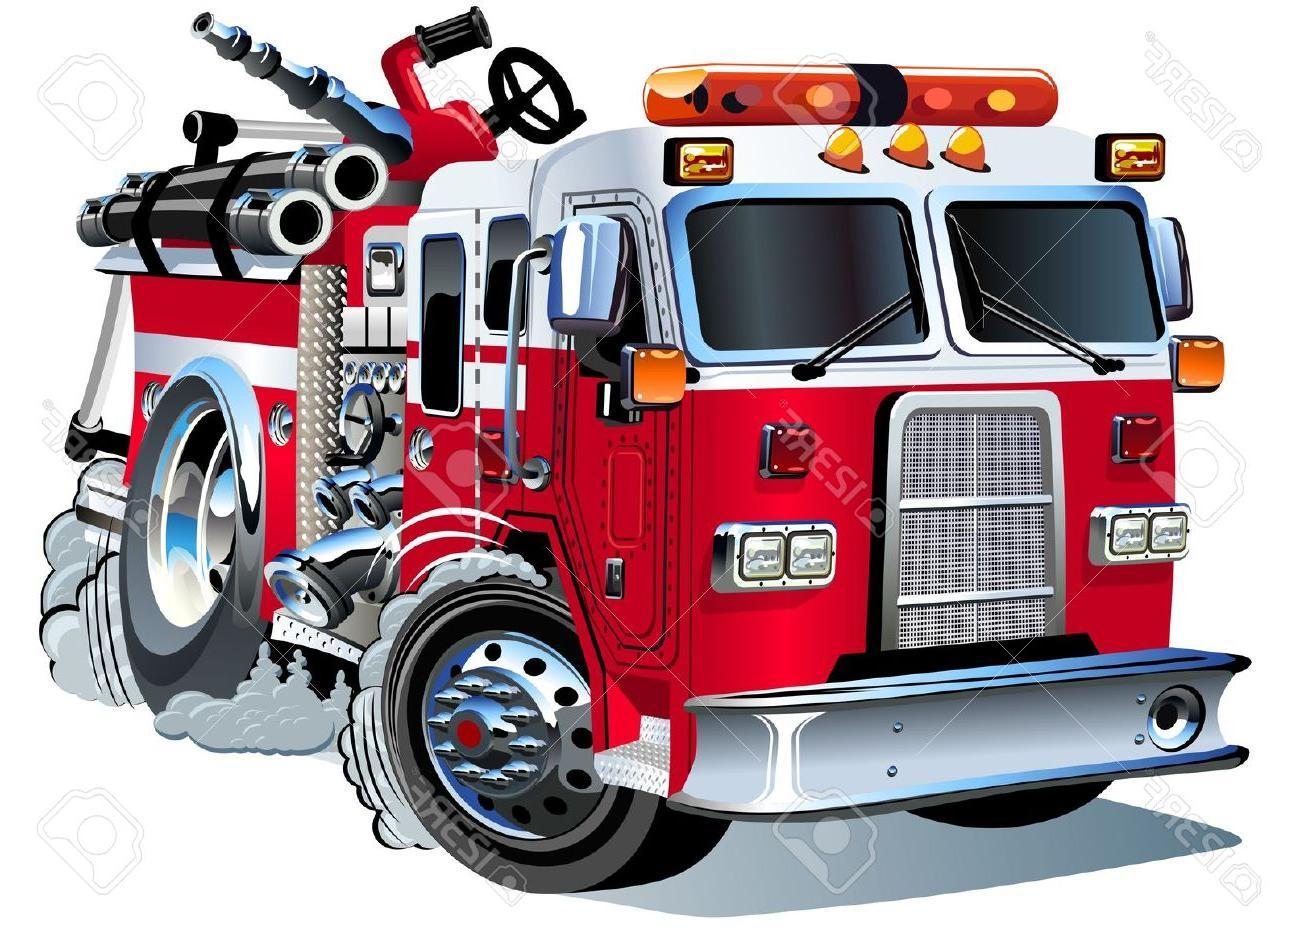 1300x937 Hd Vector Cartoon Fire Truck Stock Images